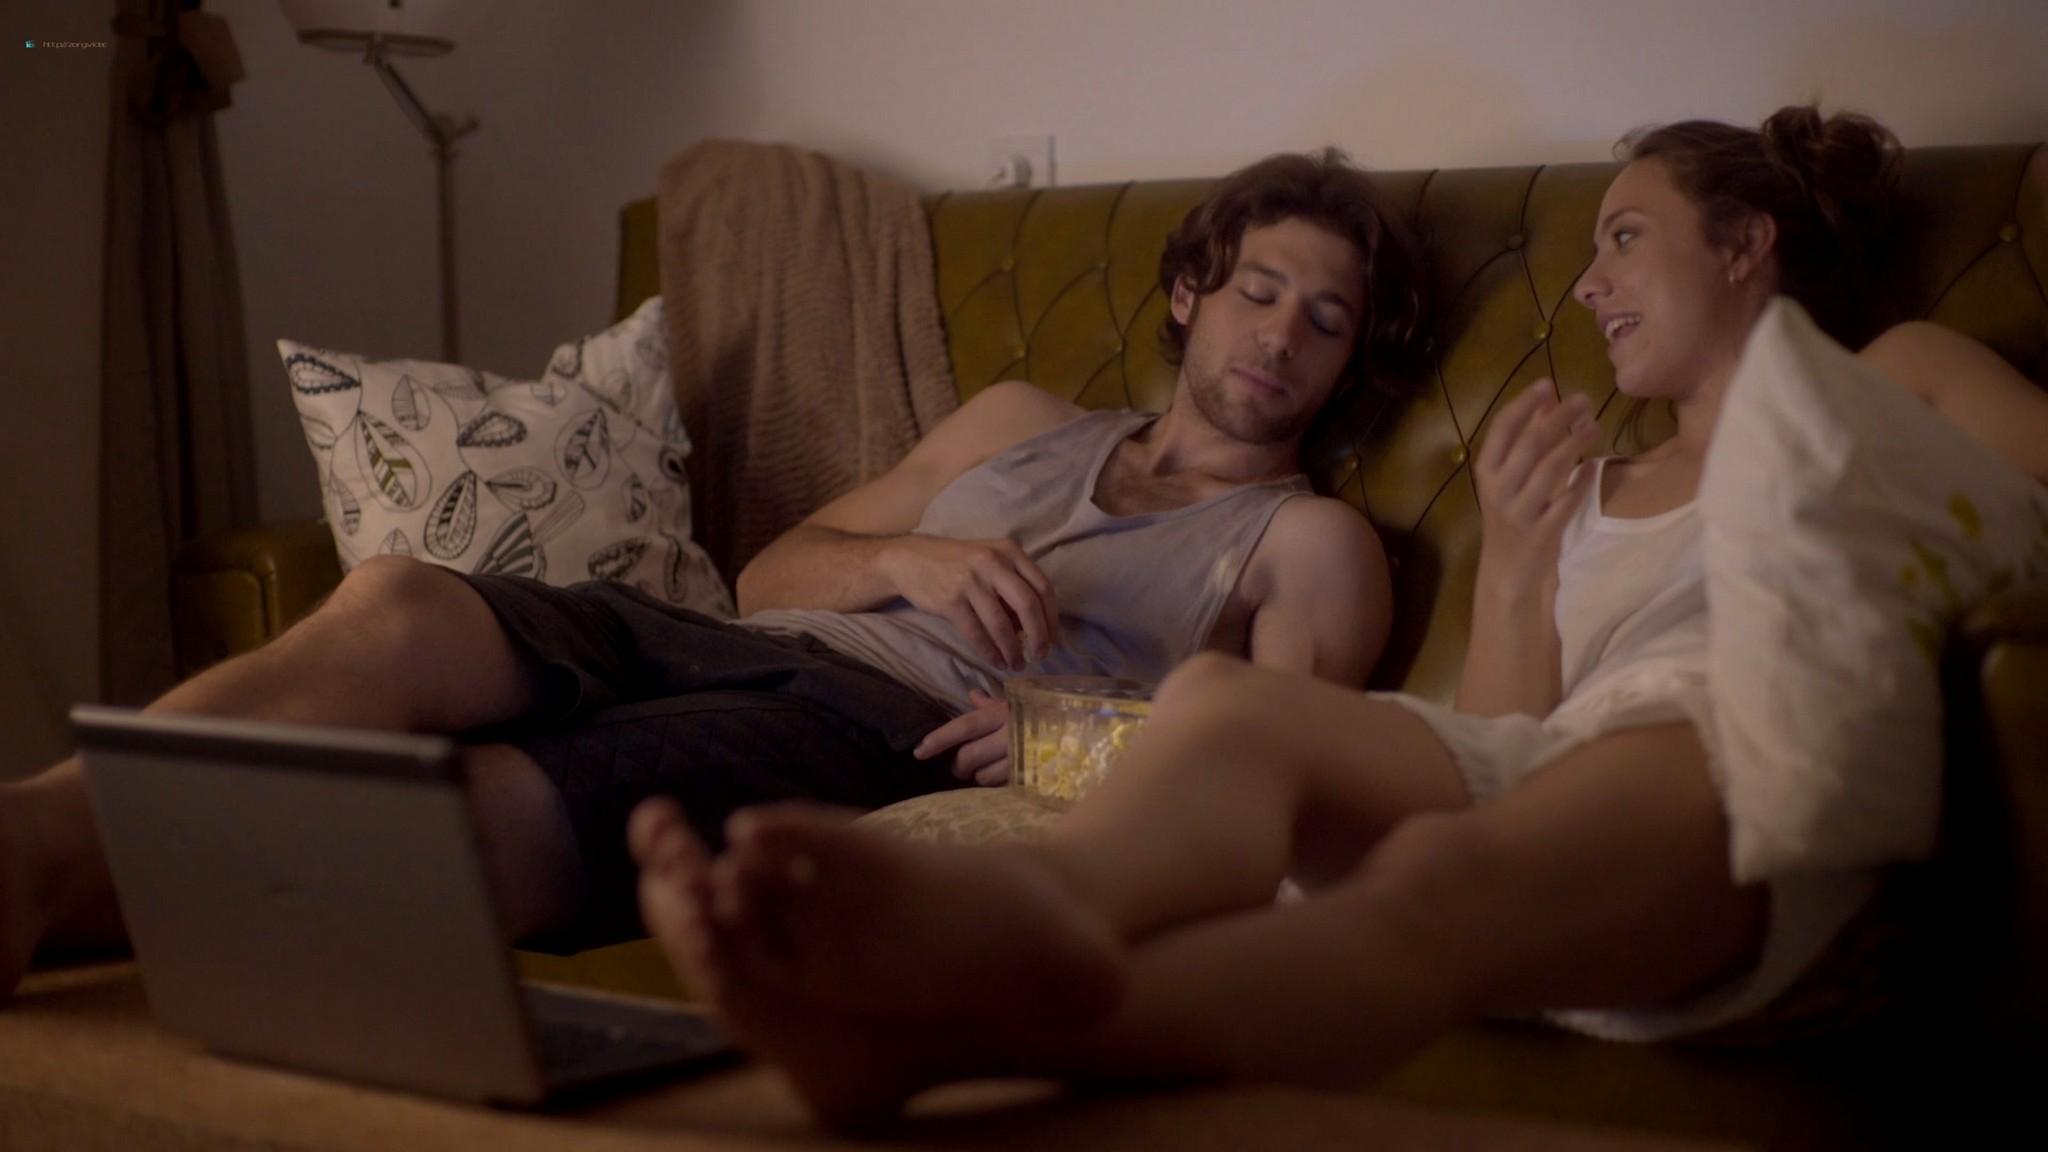 Blanca Parés hot and sexy - Los Amores Cobardes (2018) HD 1080p Web (5)